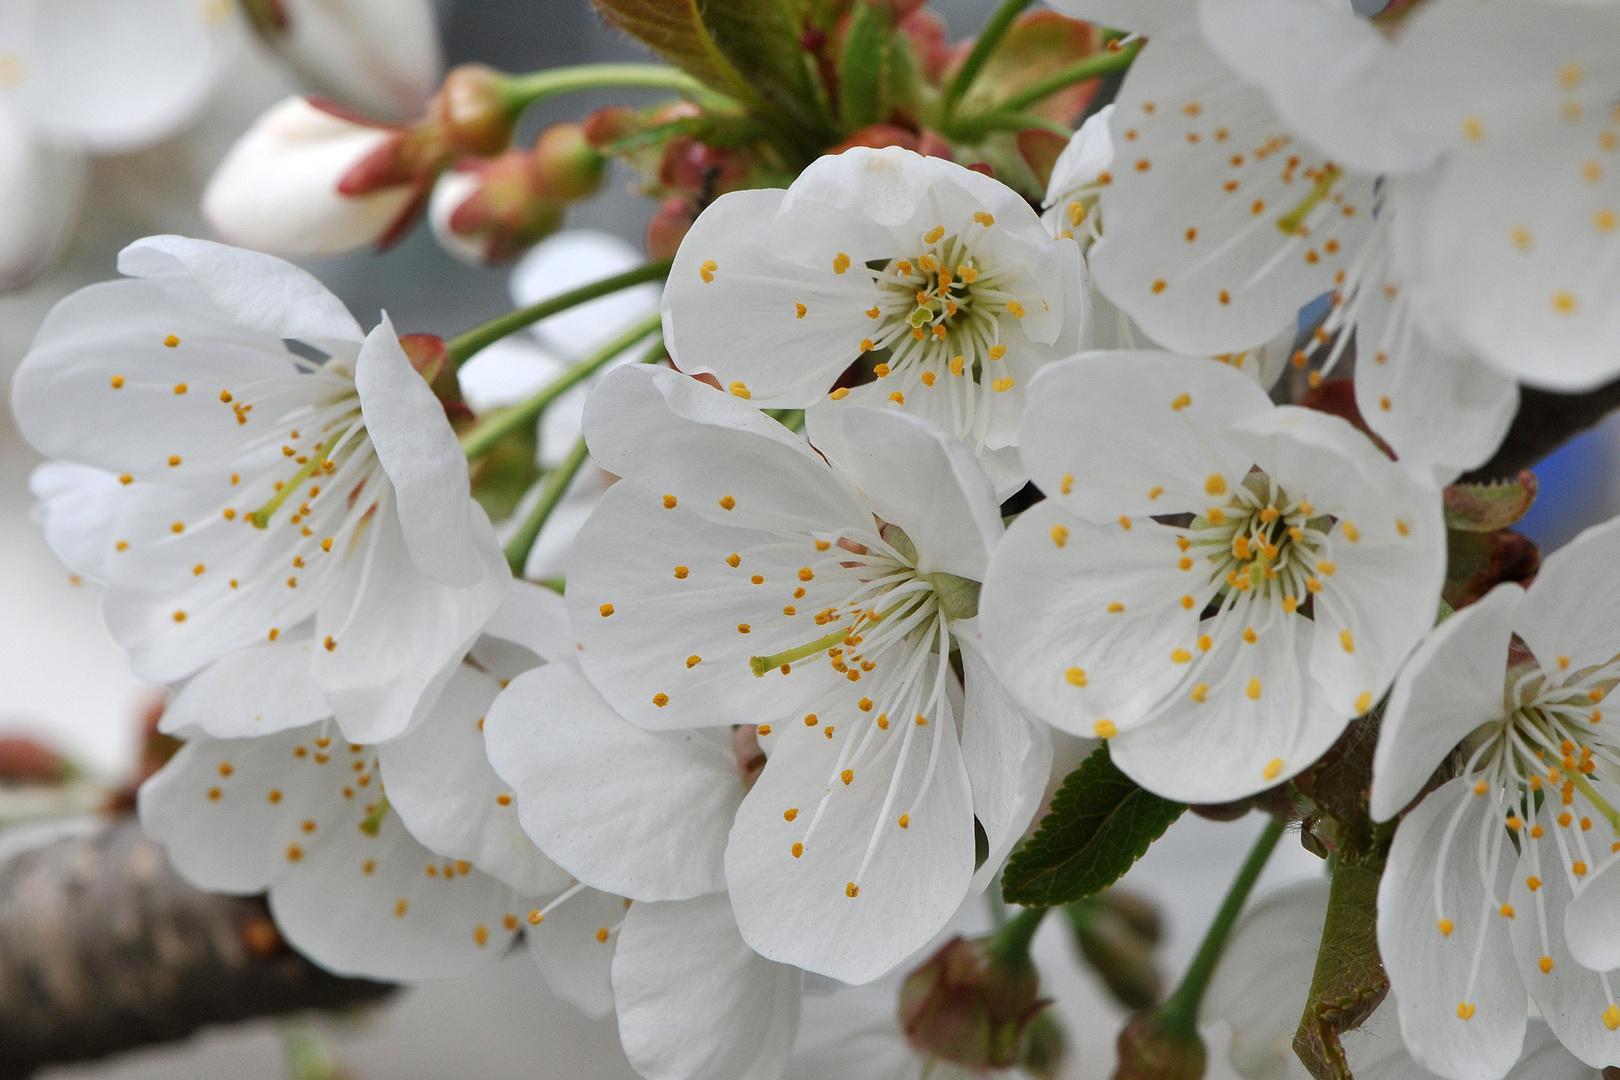 noch mehr Kirschblüten